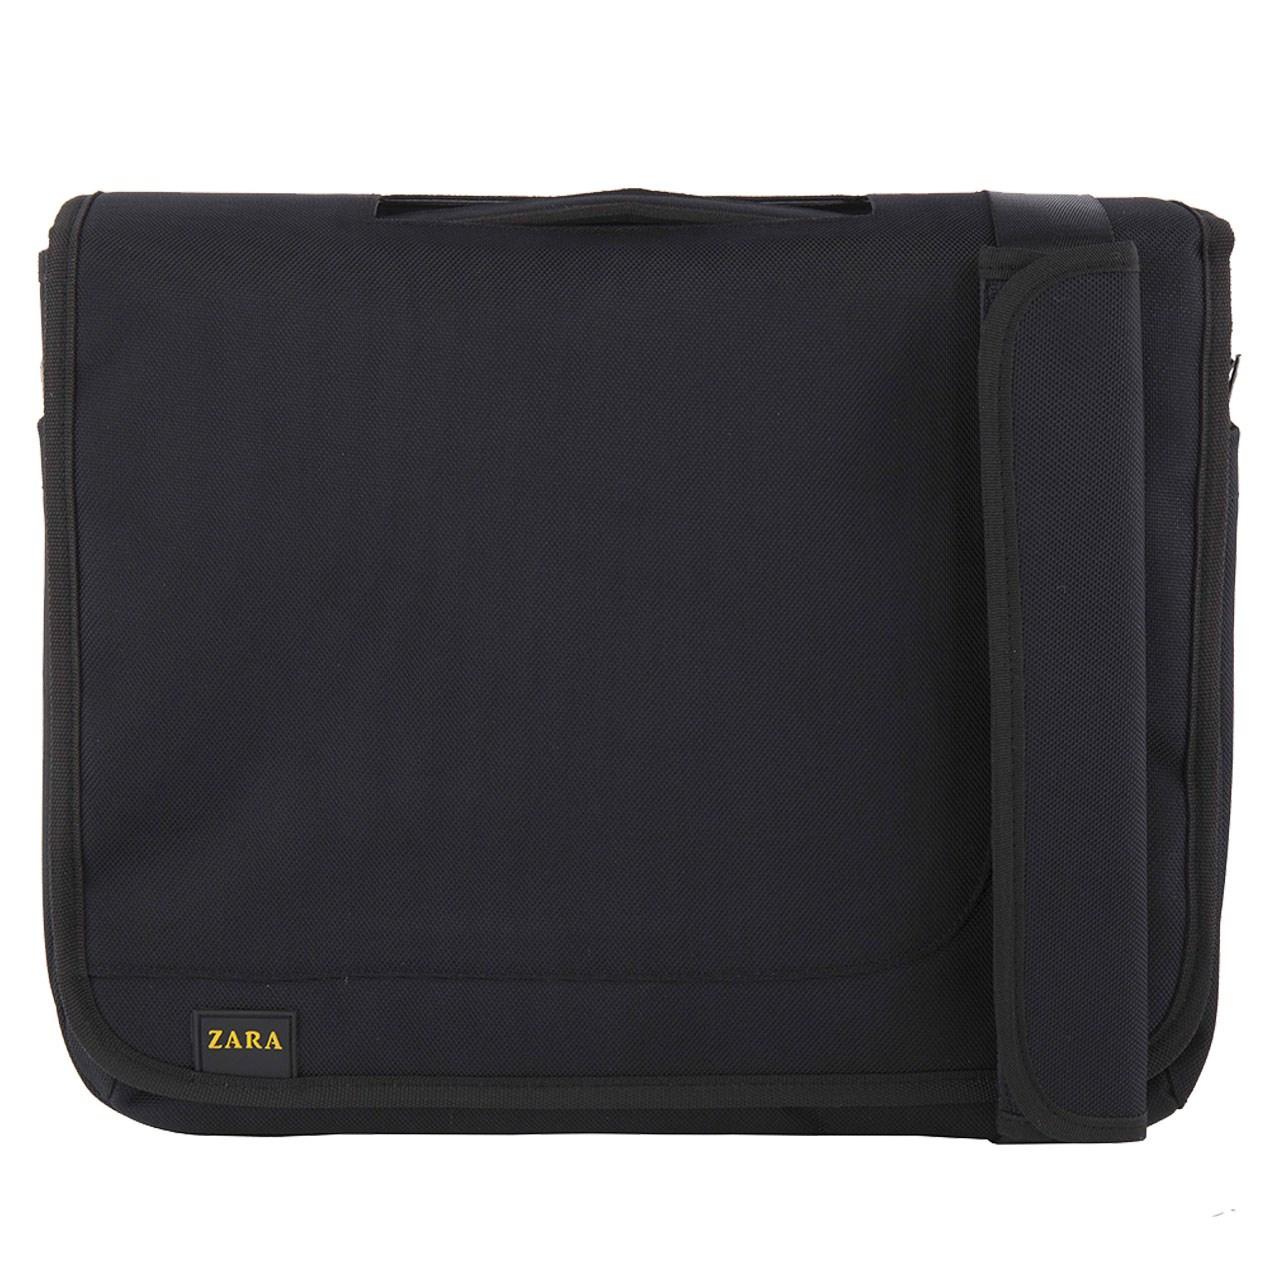 کیف لپ تاپ مدل 1002 مناسب برای لپ تاپ 15.6 اینچی